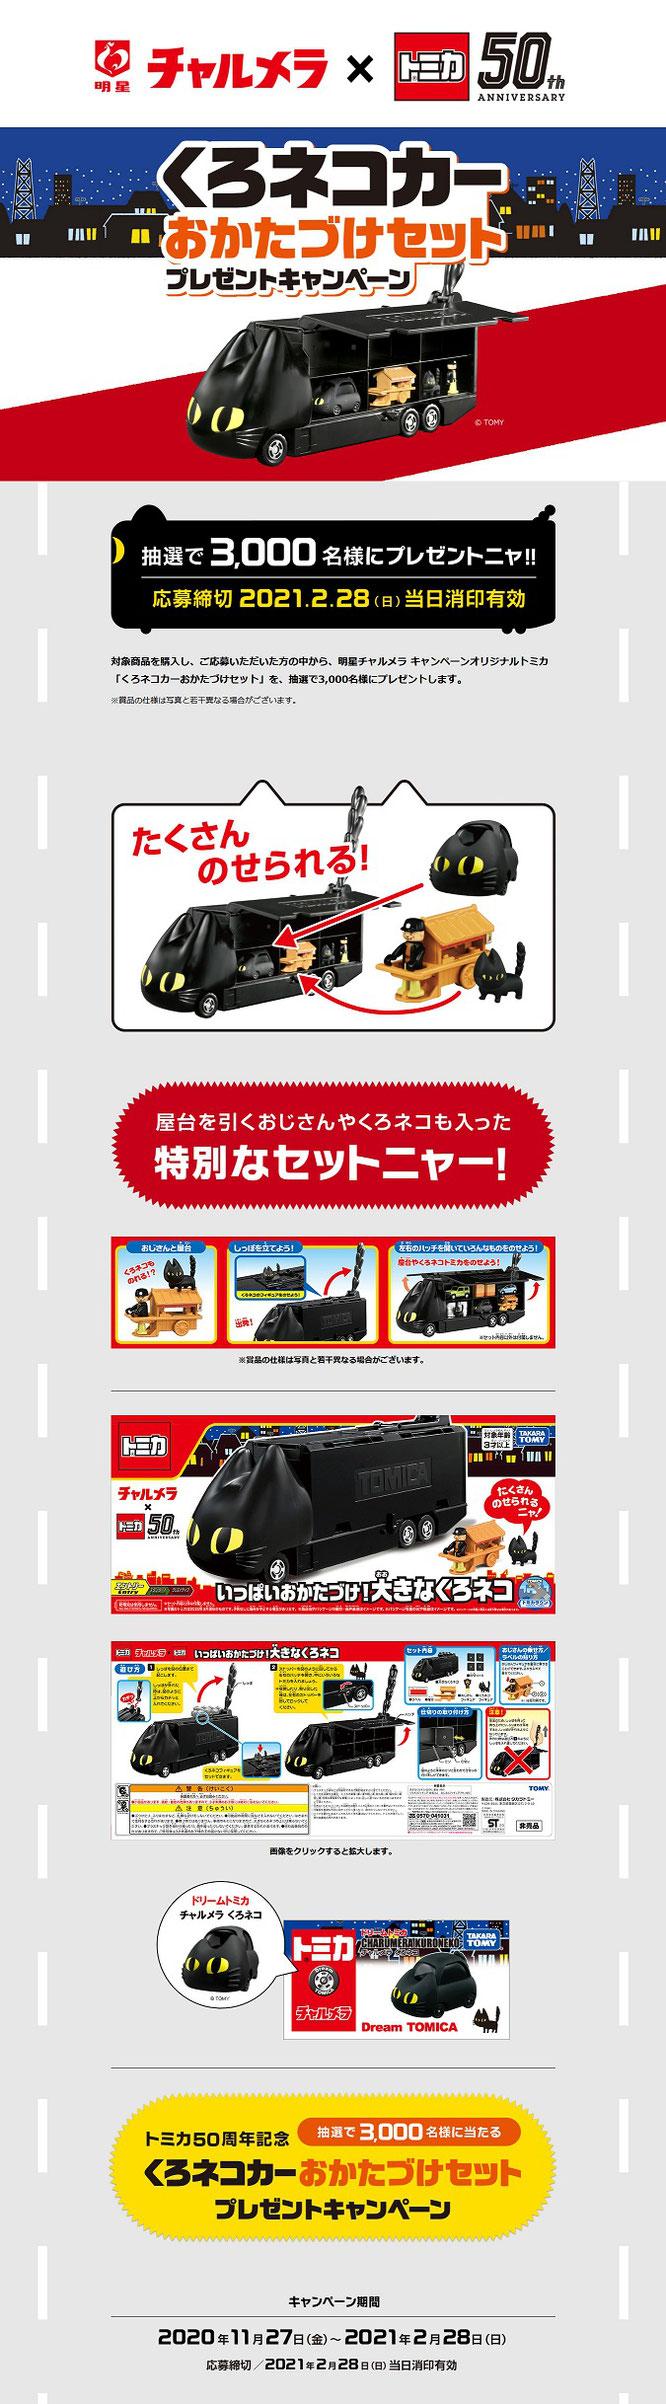 【明星】チャルメラ トミカ50周年「くろネコカーおかたづけセット」プレゼントキャンペーン